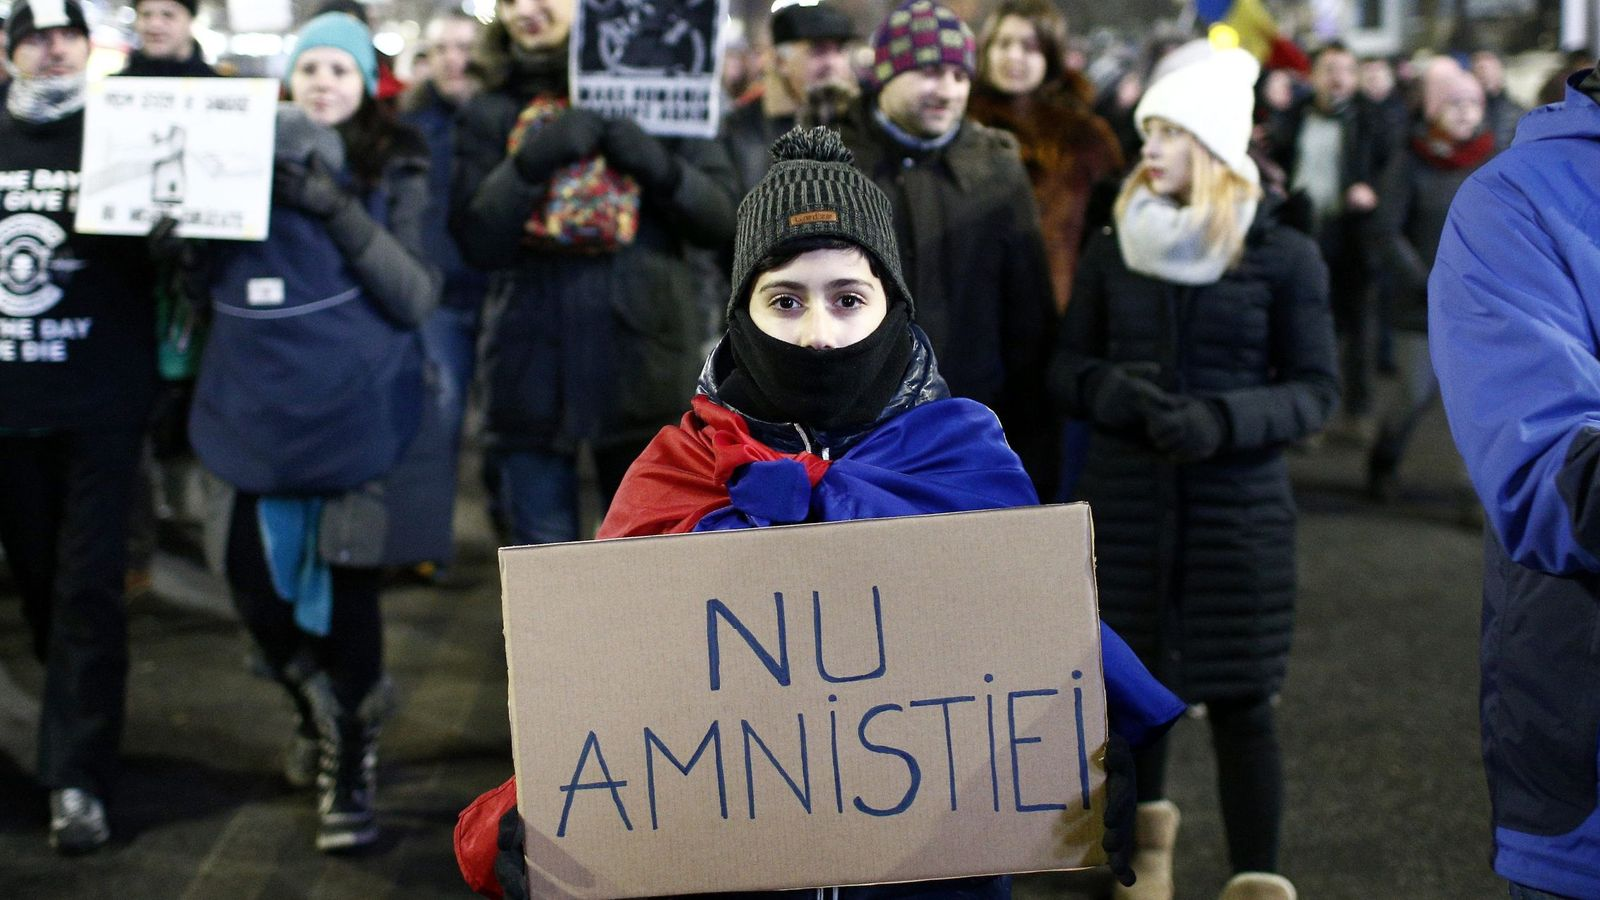 Foto: Manifestación en Bucarest contra la despenalización de algunos delitos de corrupción, adoptada por decreto por el Partido Socialdemócrata, el 29 de enero de 2017 (EFE)